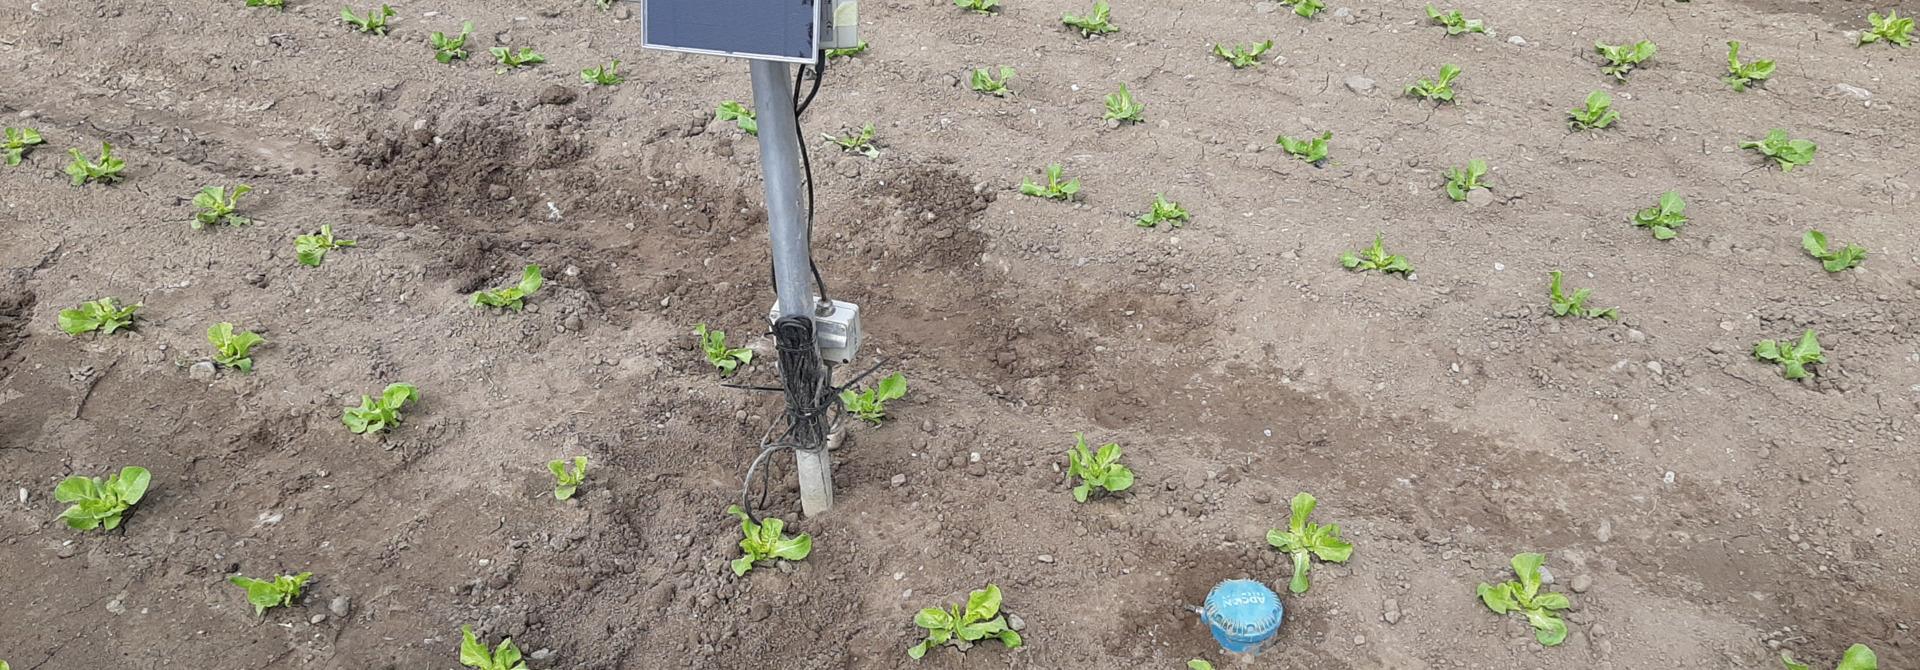 Installierte Bodenfeuchtesonde in Kopfsalat>